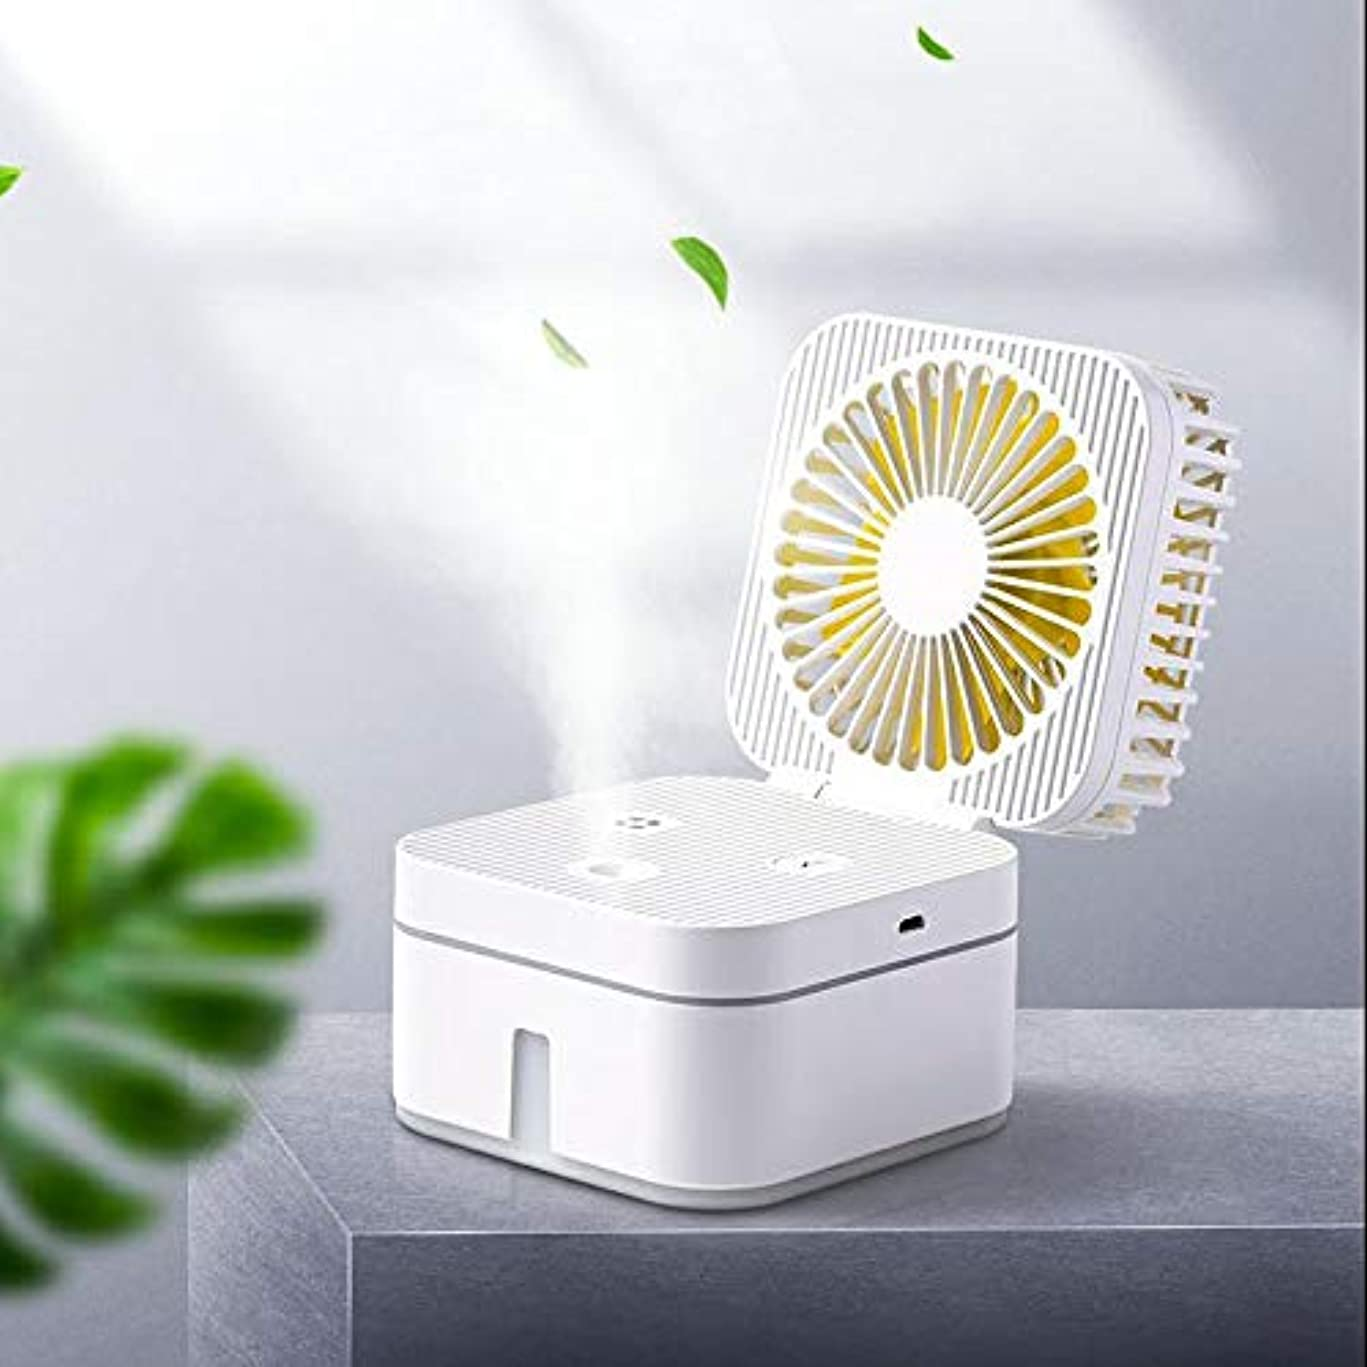 結晶アレイレコーダーSVHK USBミニ加湿器は、ファンの空気加湿器がスプレースキンナノテクノロジーのための7色のライトカー事務所を静電気クリーンエアケアを排除スプレー